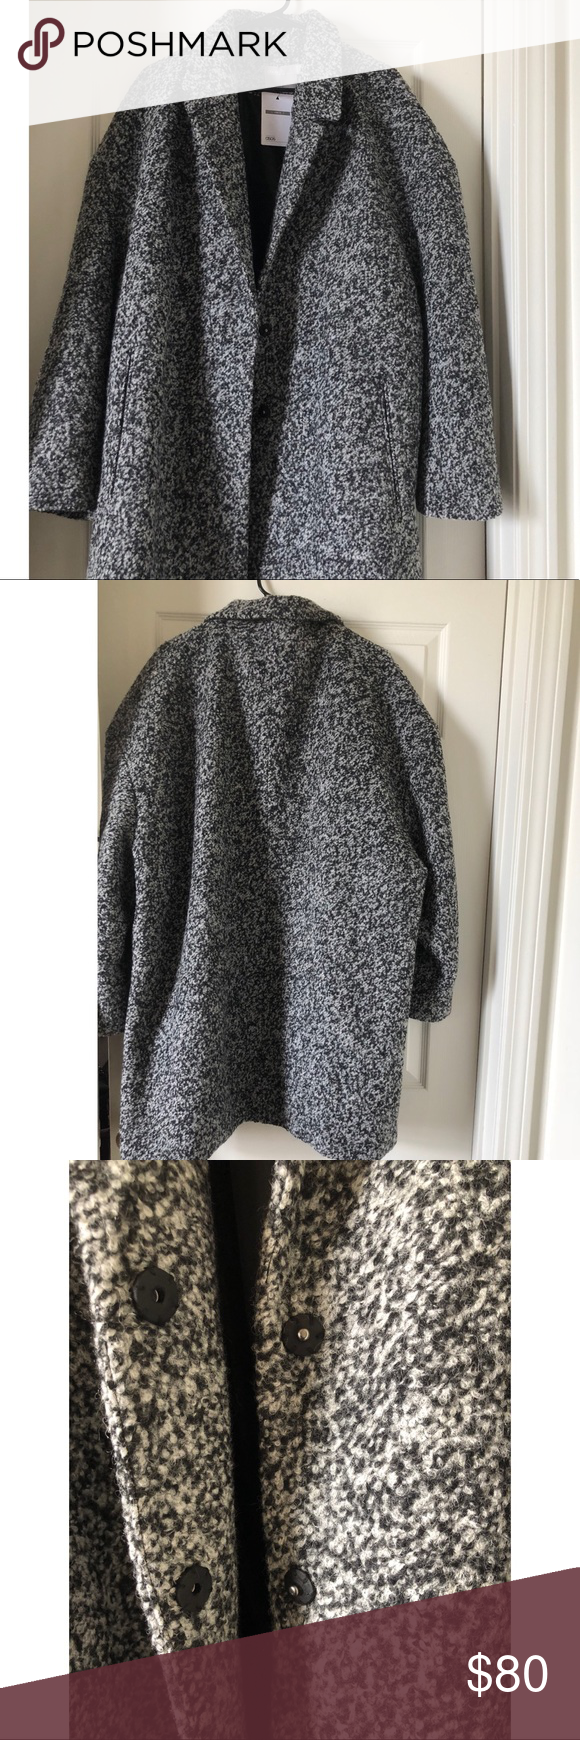 2ca5d97e15e Asos Curve Coat Black and White Asos Curve Coat in Cocoon Texture ASOS  Curve Jackets   Coats Pea Coats